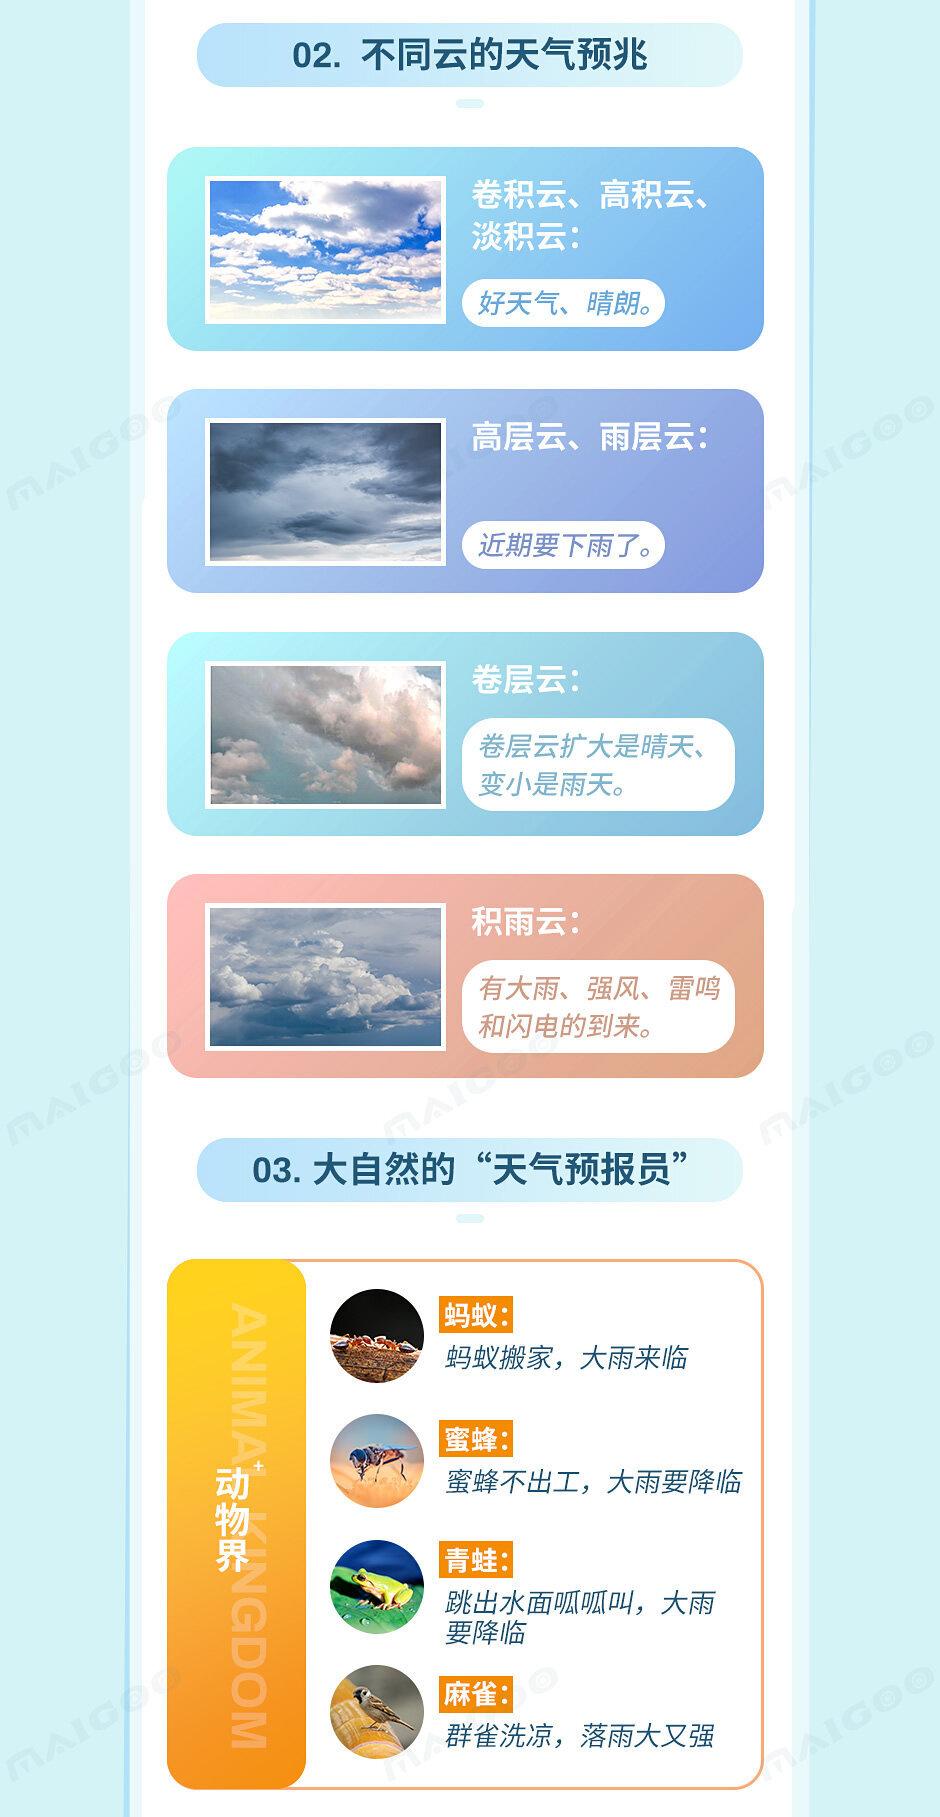 如何看云识天气,自然界的天气预报员